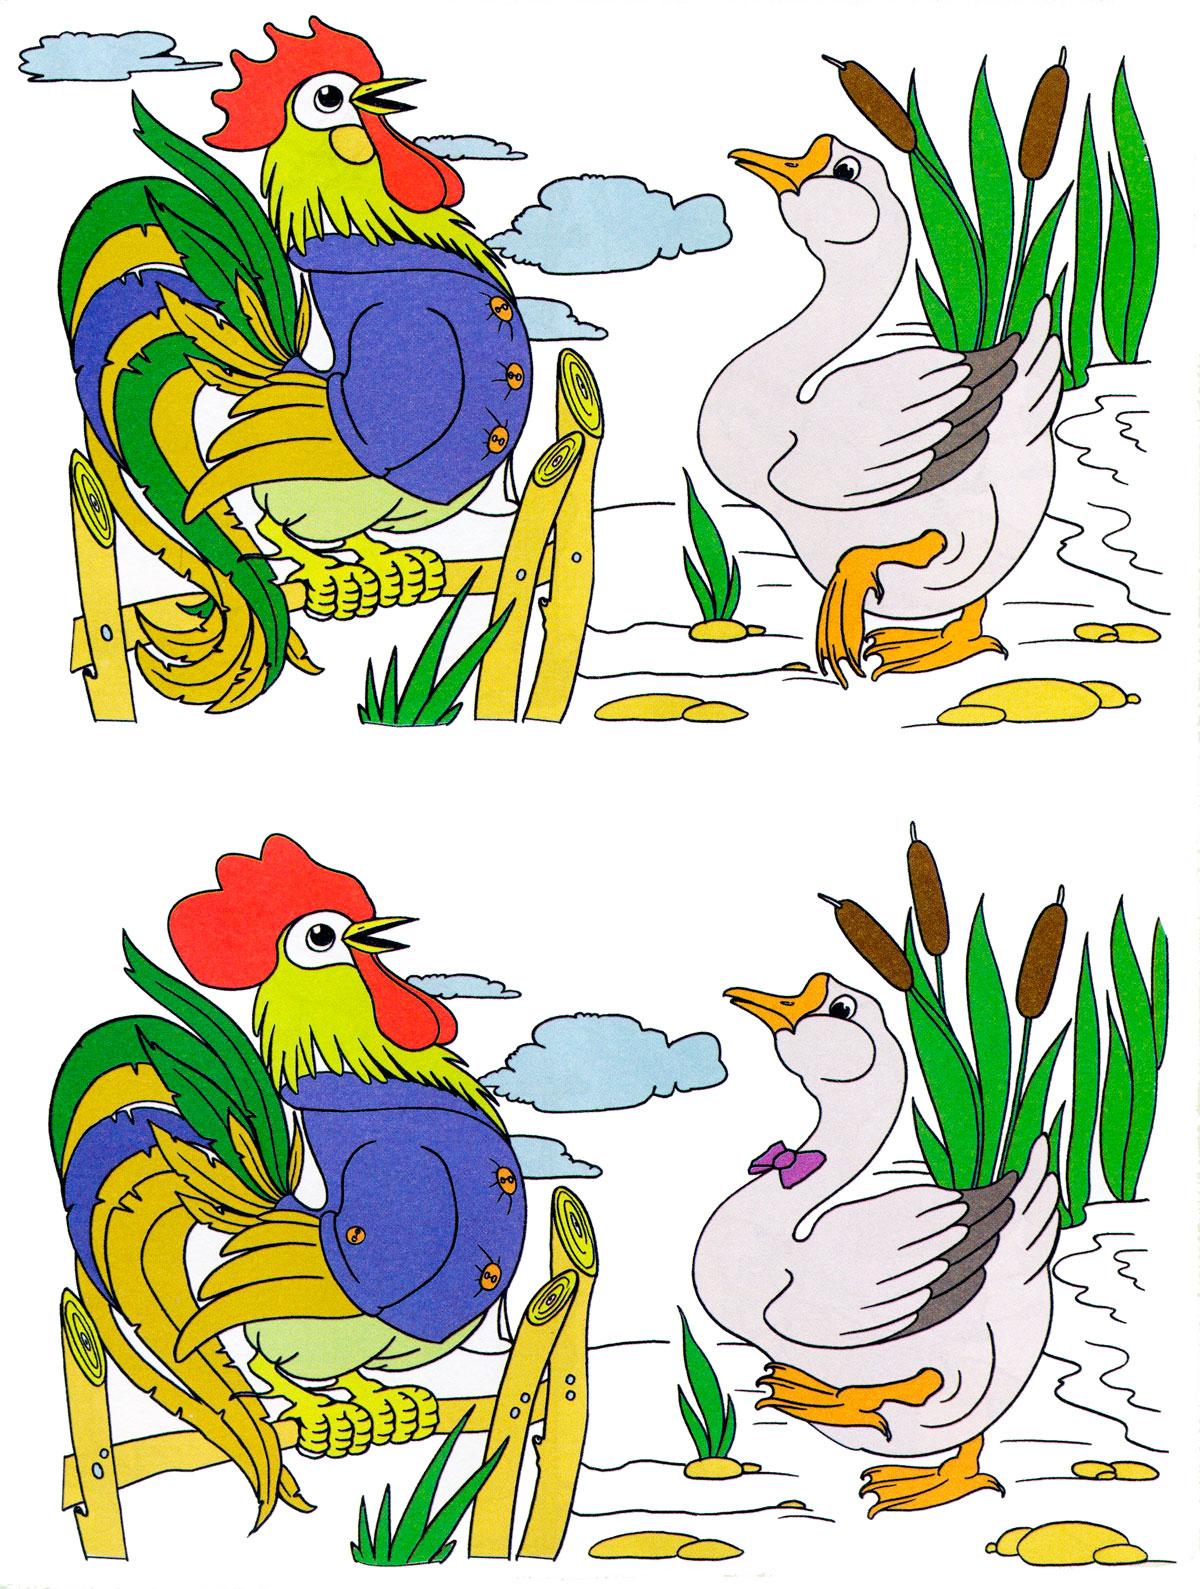 маленькая картинки на внимательность найди отличия могут дать новых